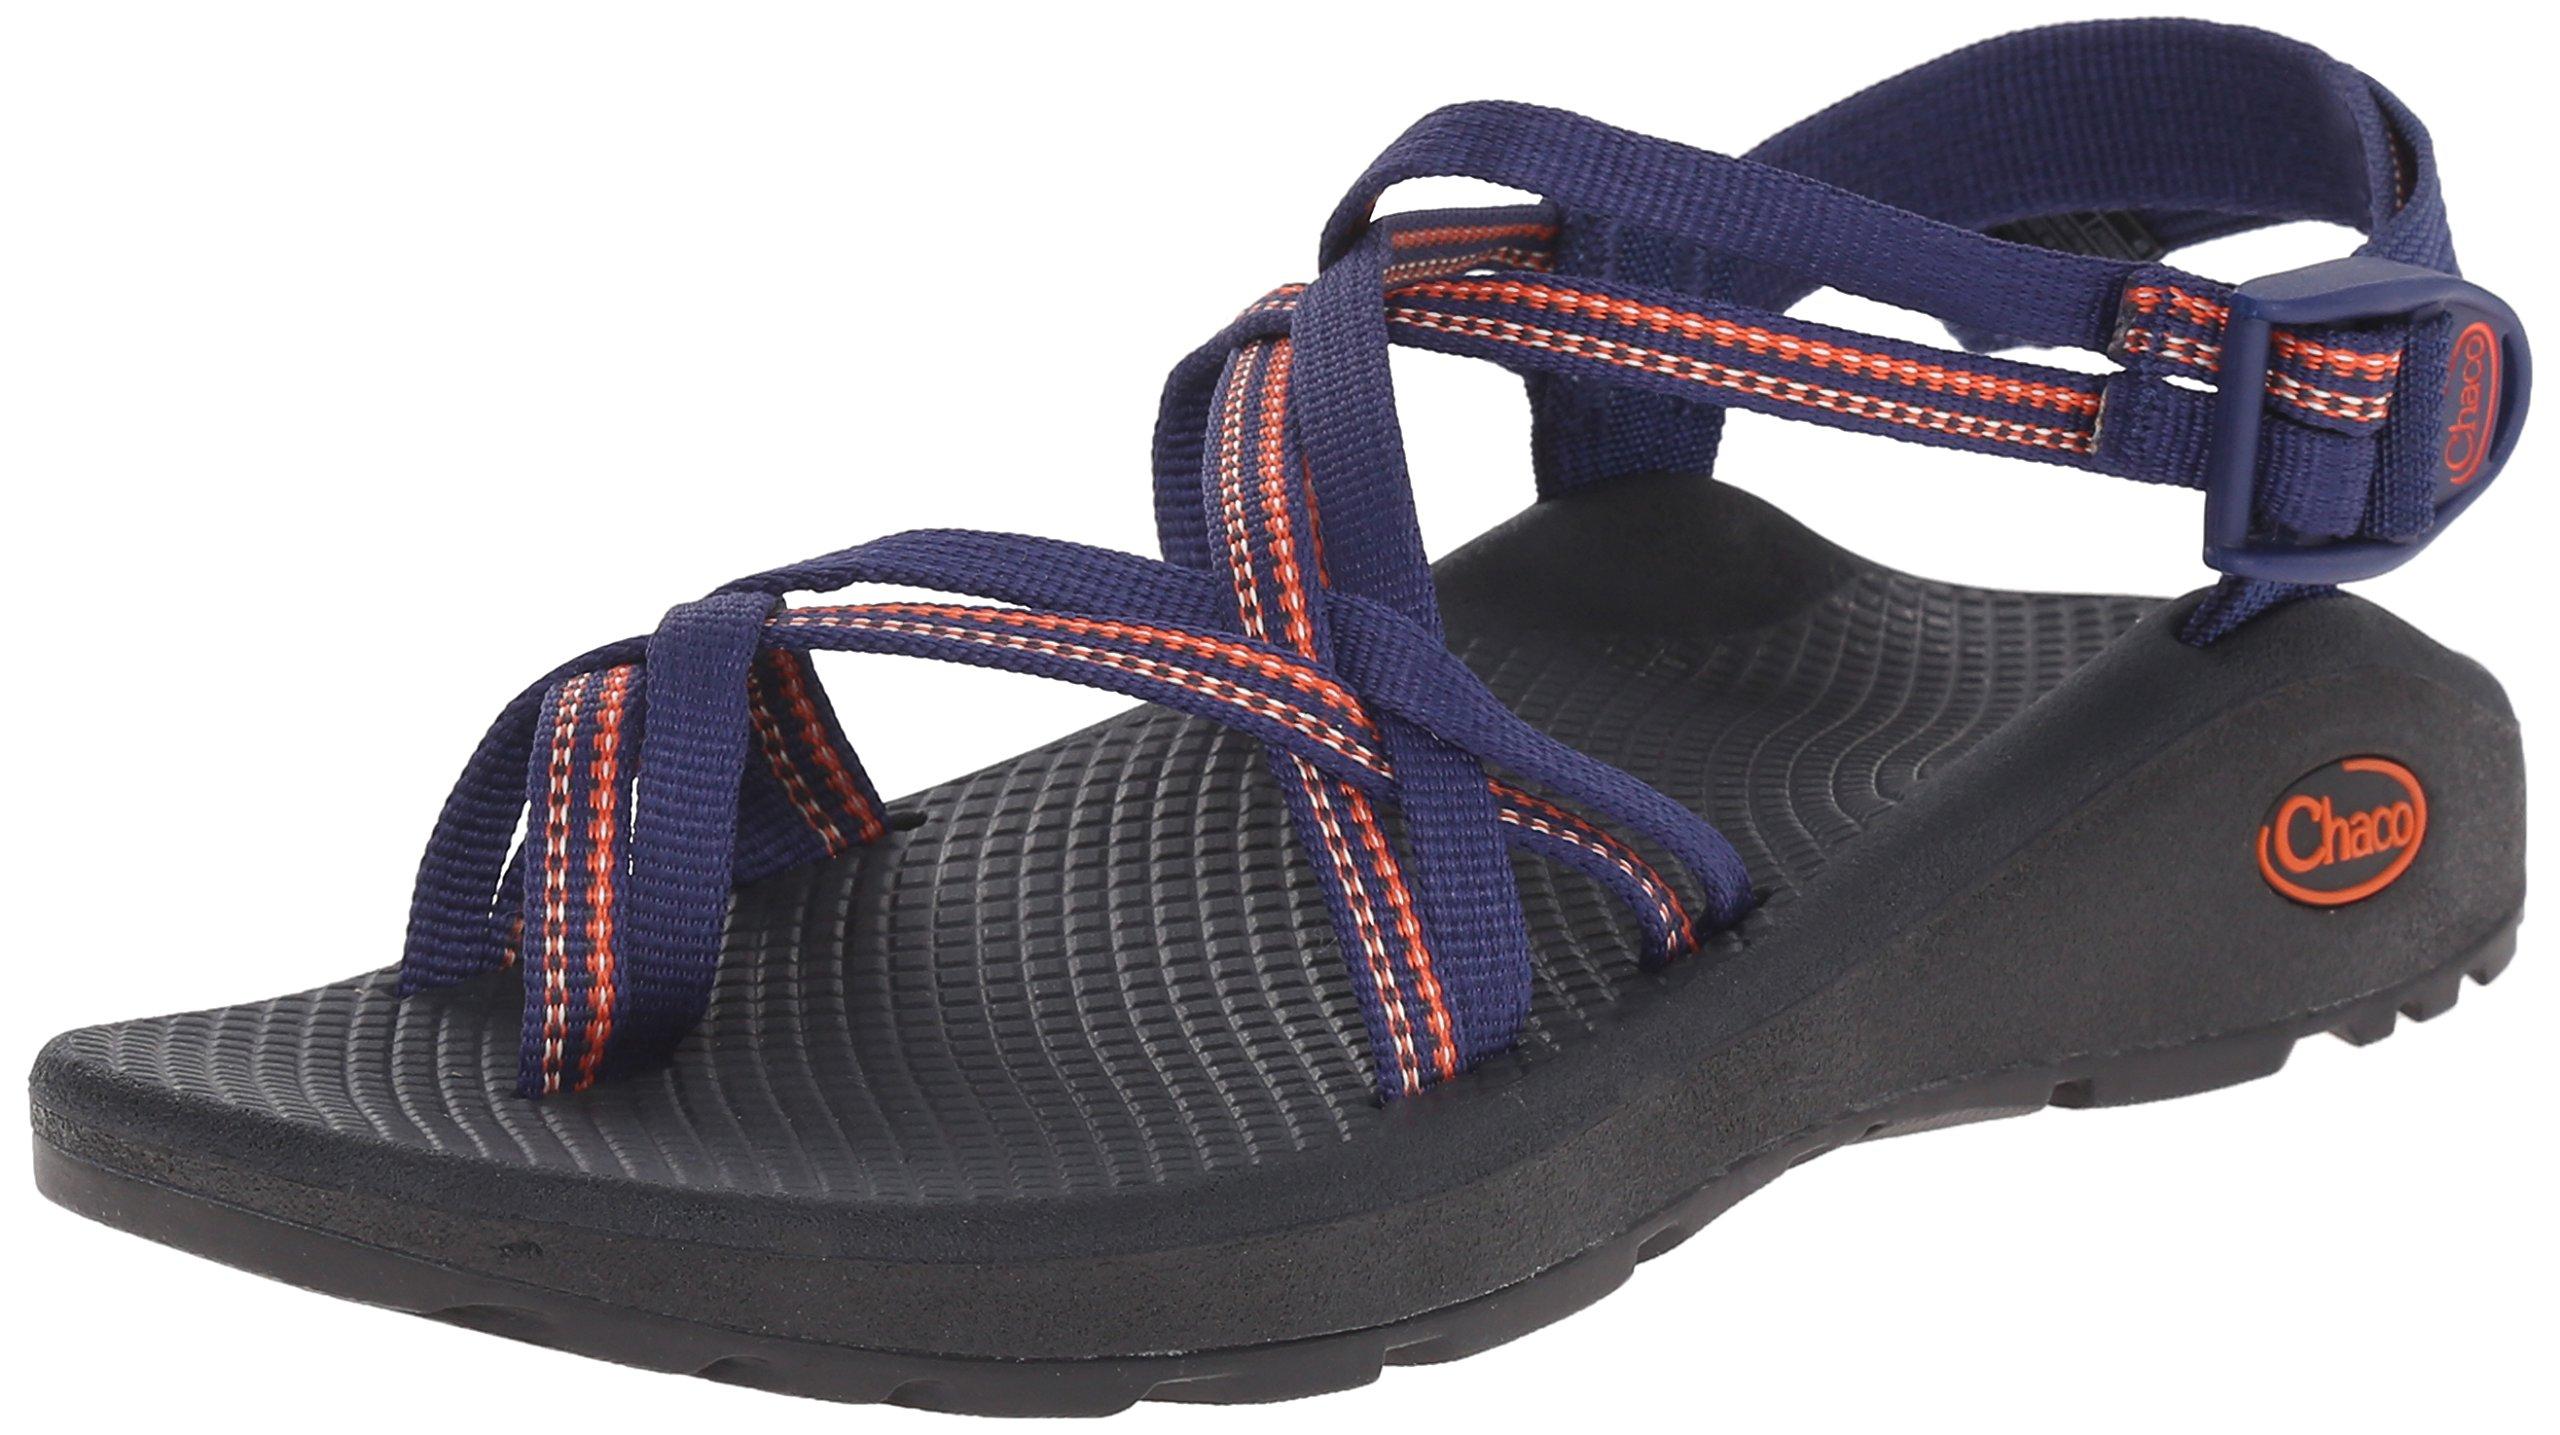 Chaco Women's Zcloud X2 Sport Sandal, Lattice Cobalt, 8 M US